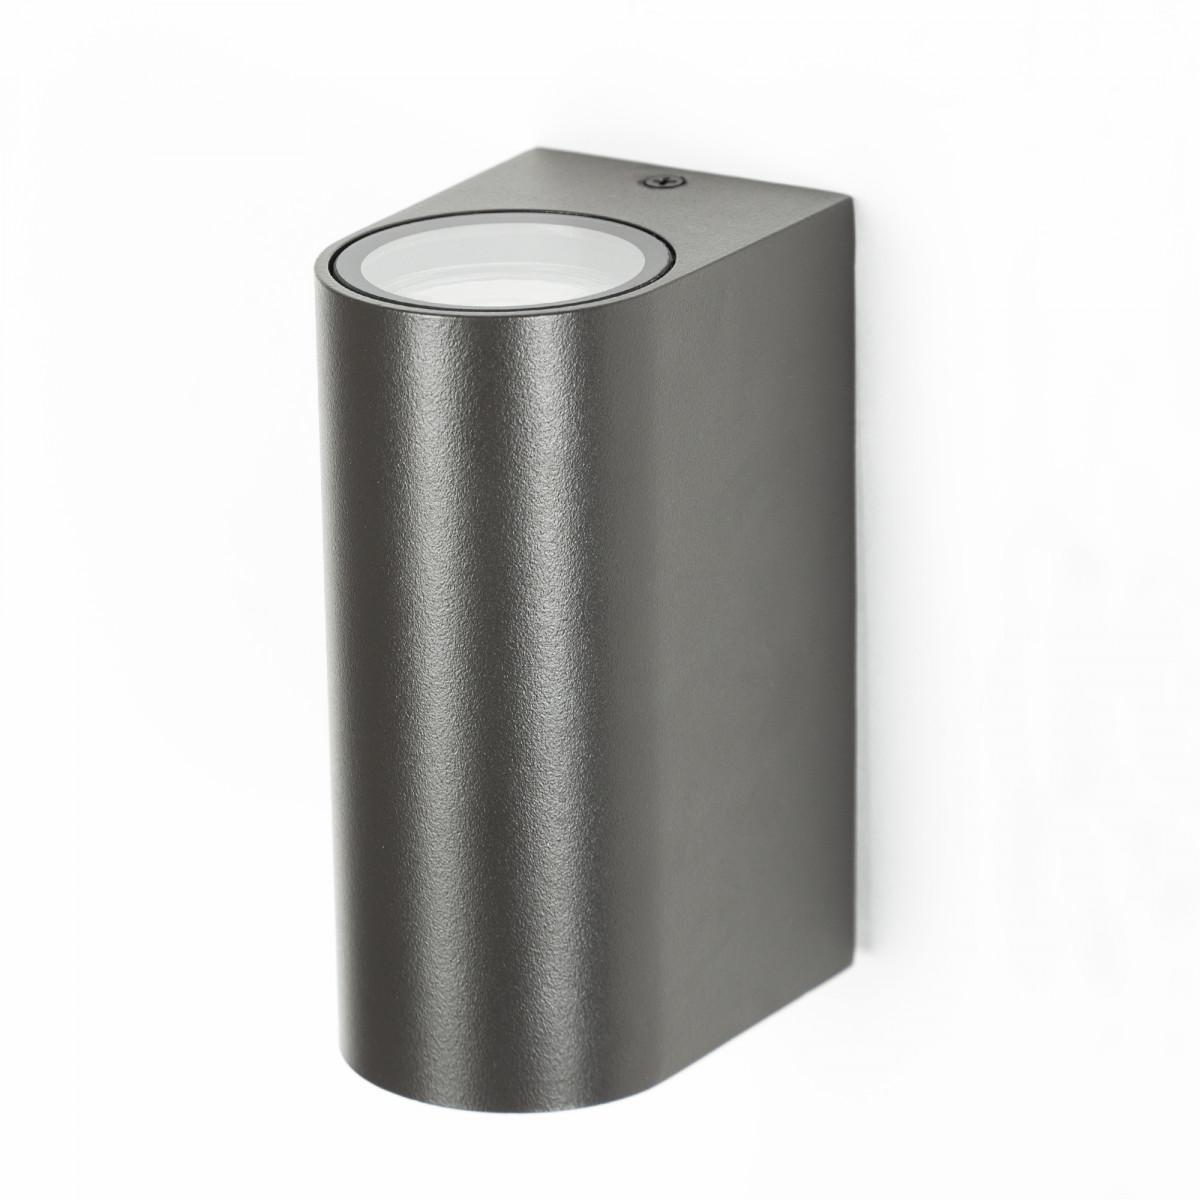 Wandspot Flash, antraciet up en downlighter van KS Verlichting, moderne wandverlichting voor buiten, perfect als gevelspot, gevelverlichting